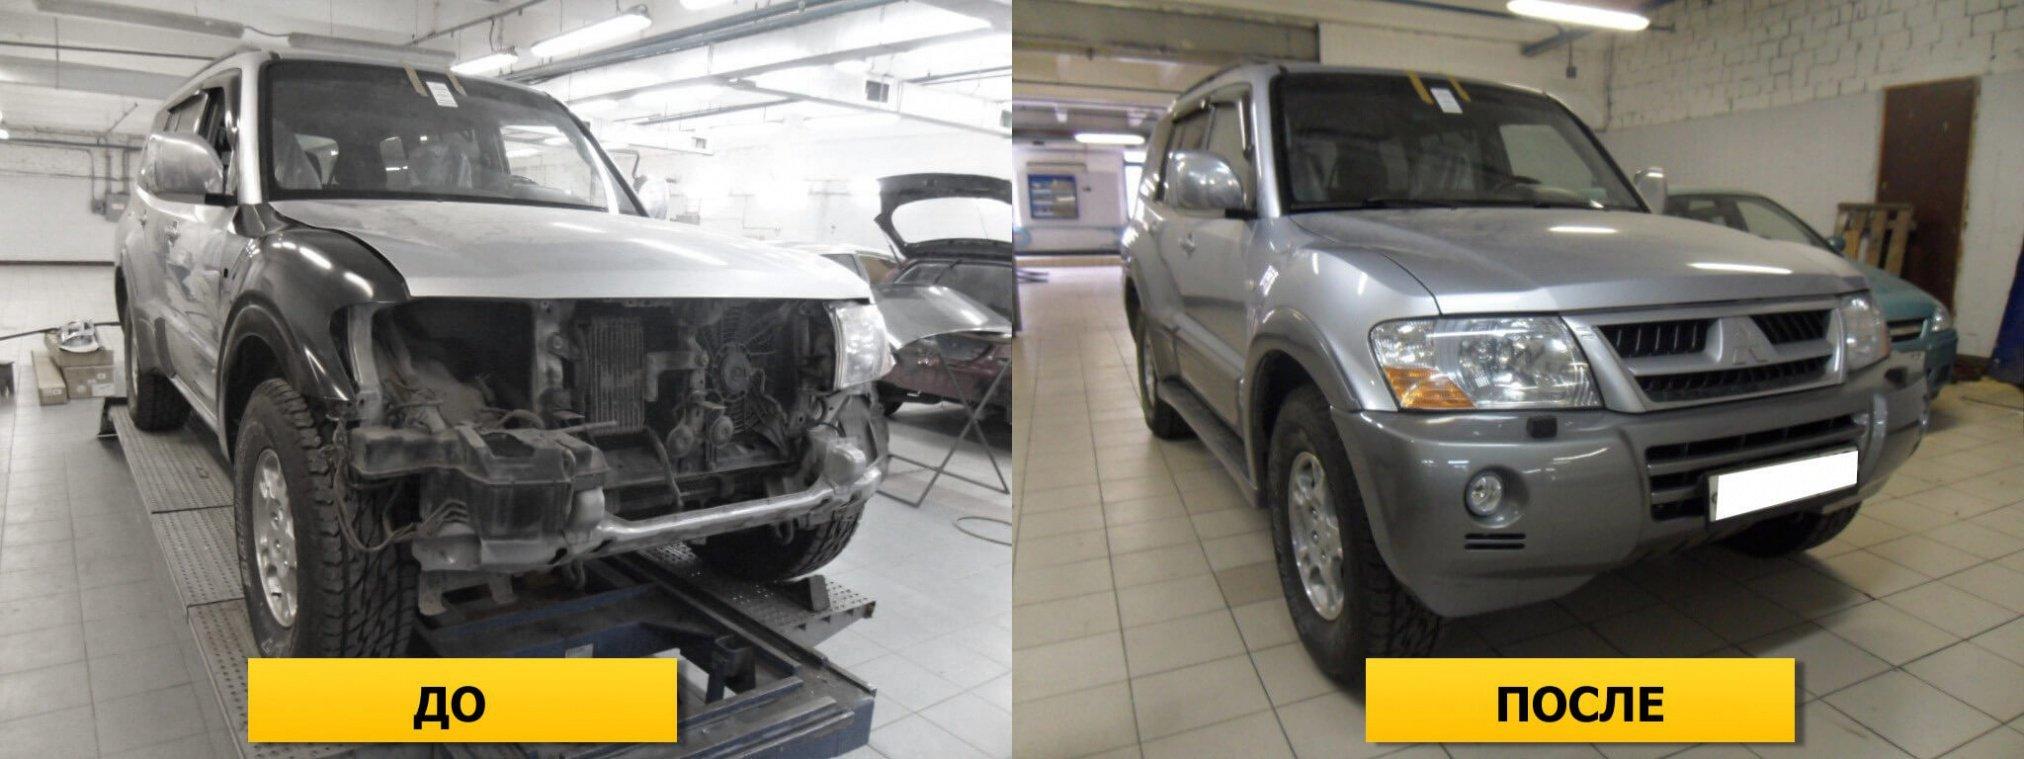 Фото пример авто до и после ремонта передней части